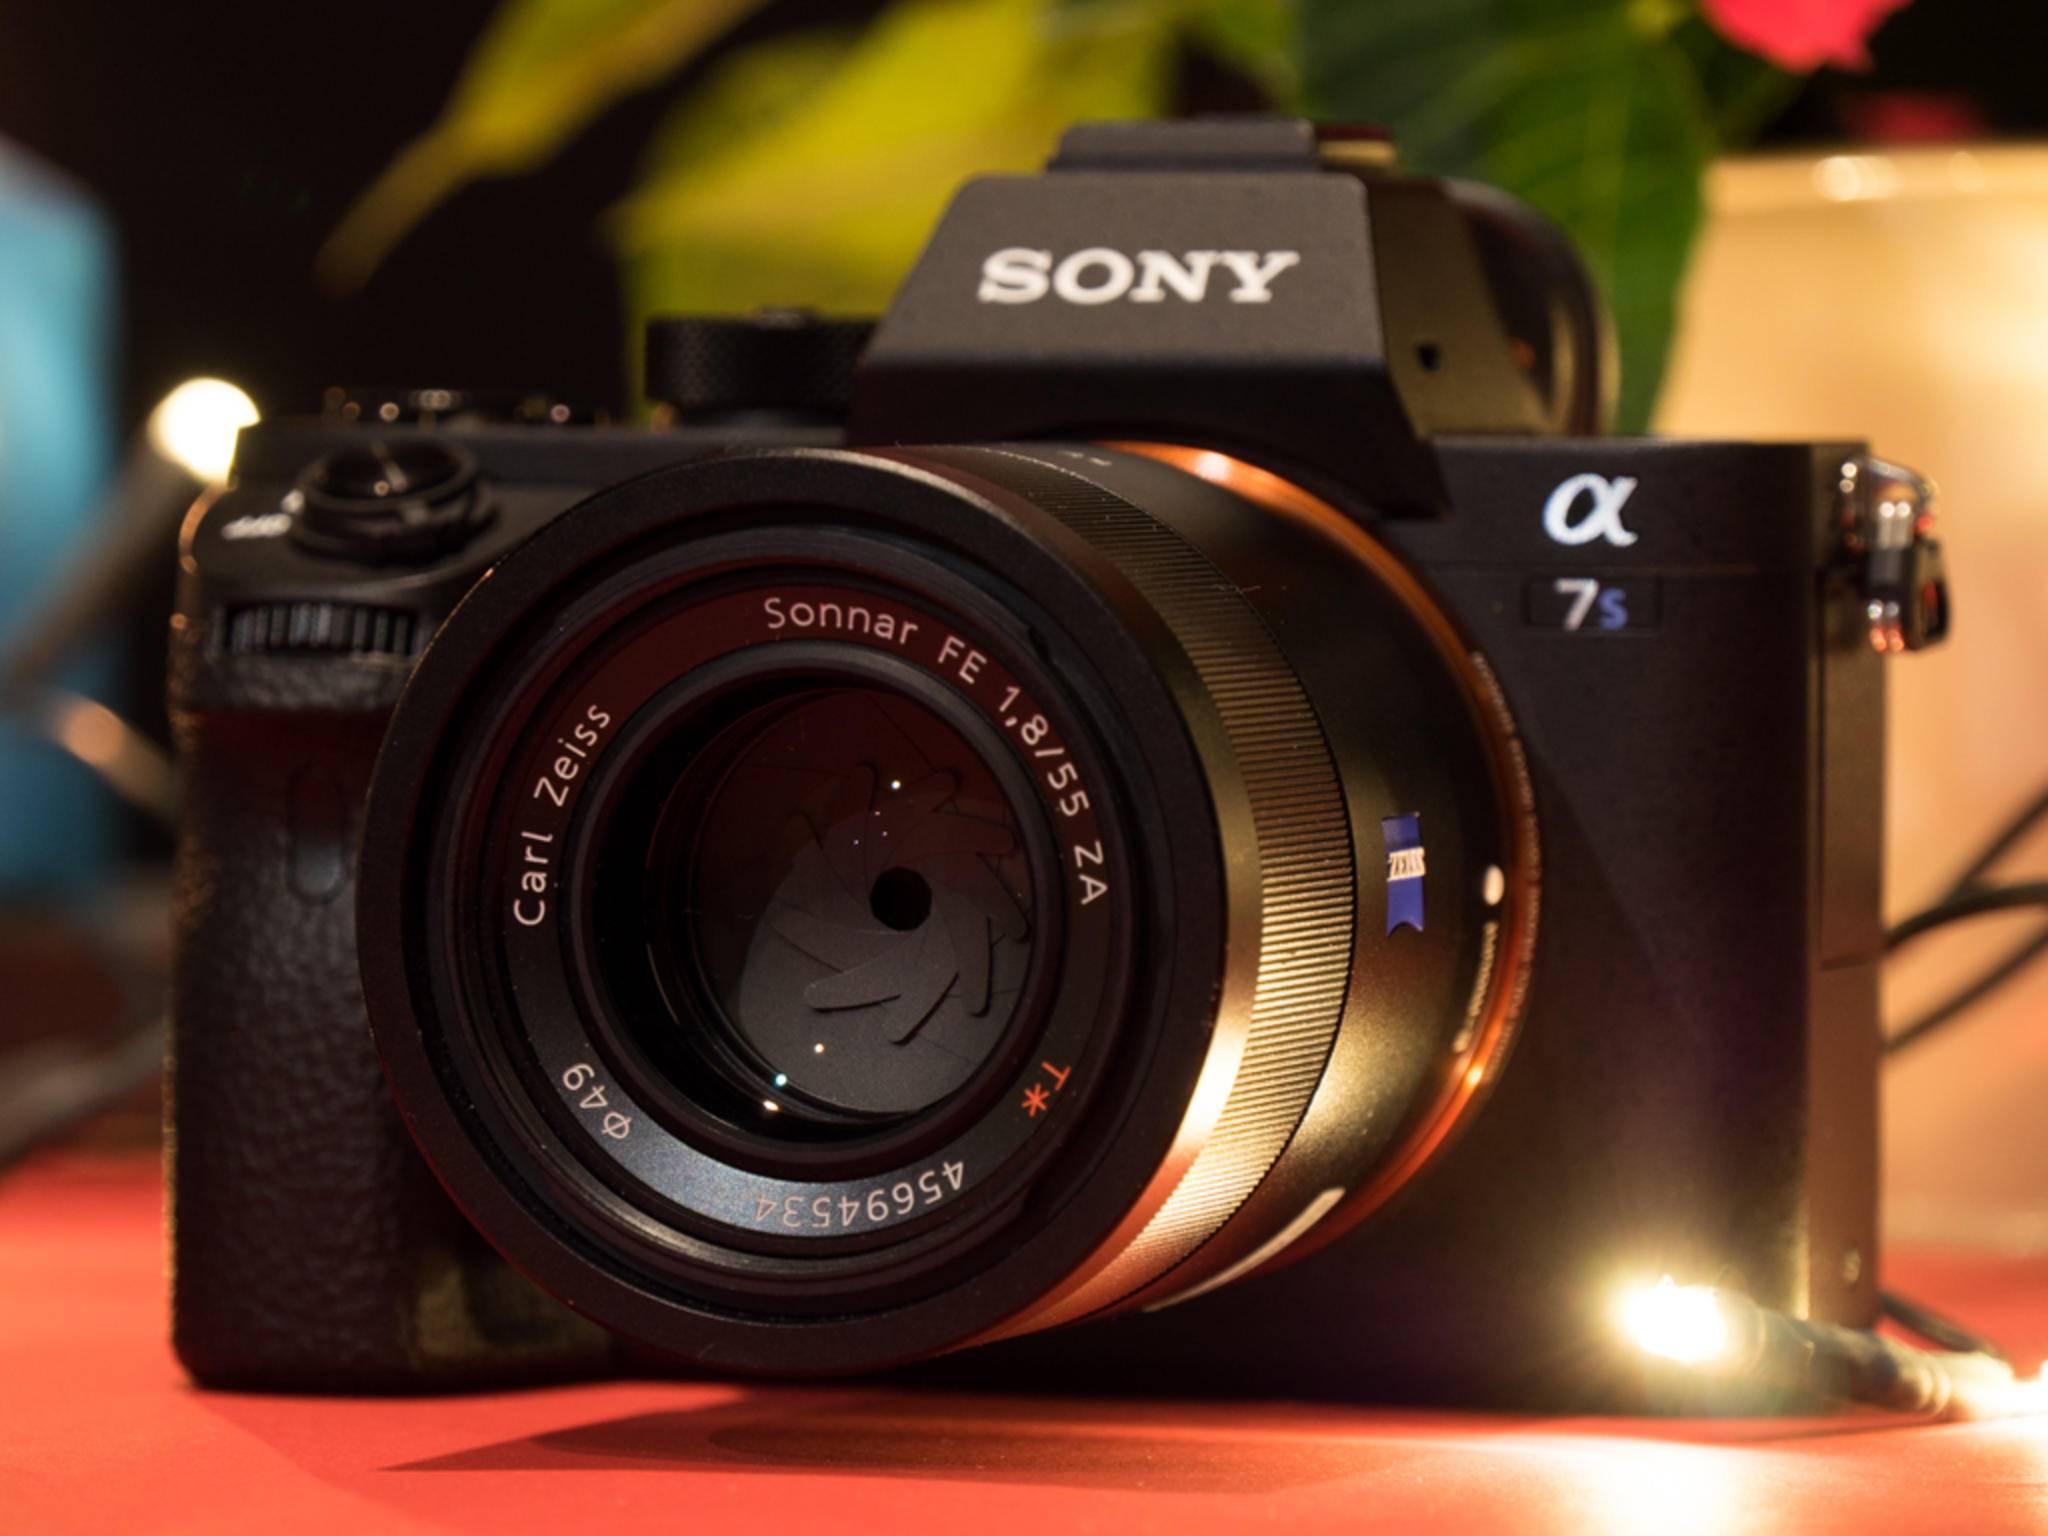 Die Sony A7: Wird der Nachfolger mit wahnsinnigen 72 Megapixeln ausgestattet?